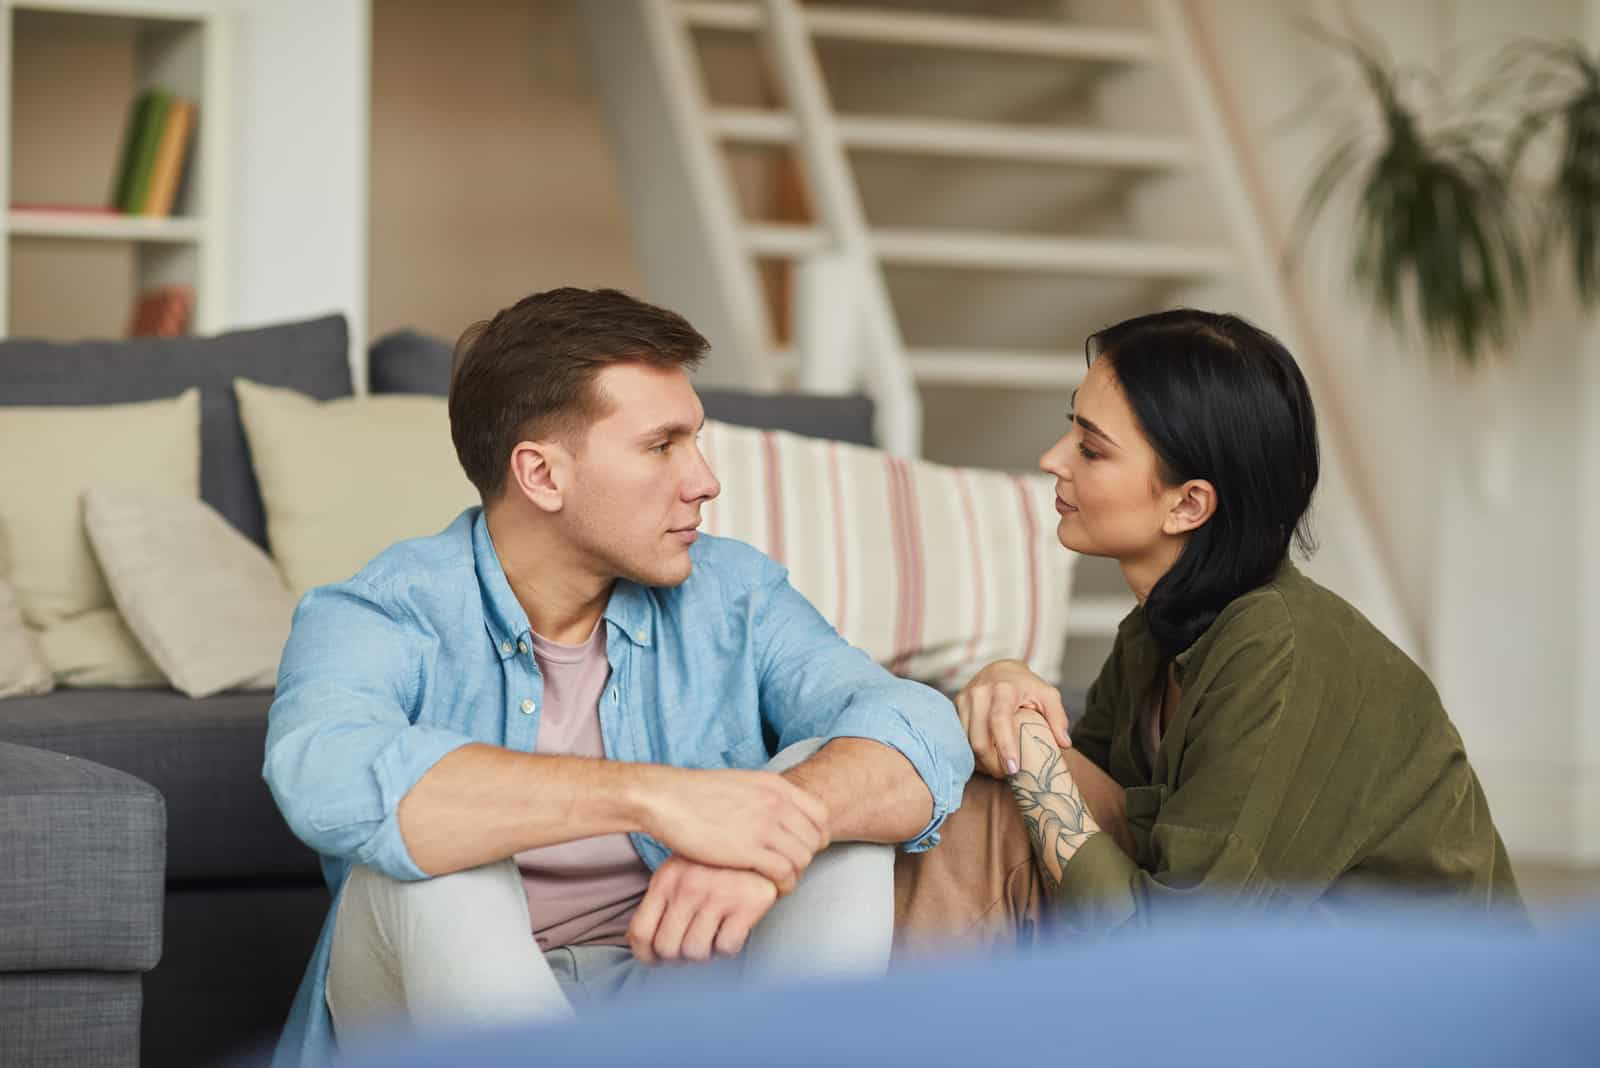 jeune couple moderne se parlant sincèrement